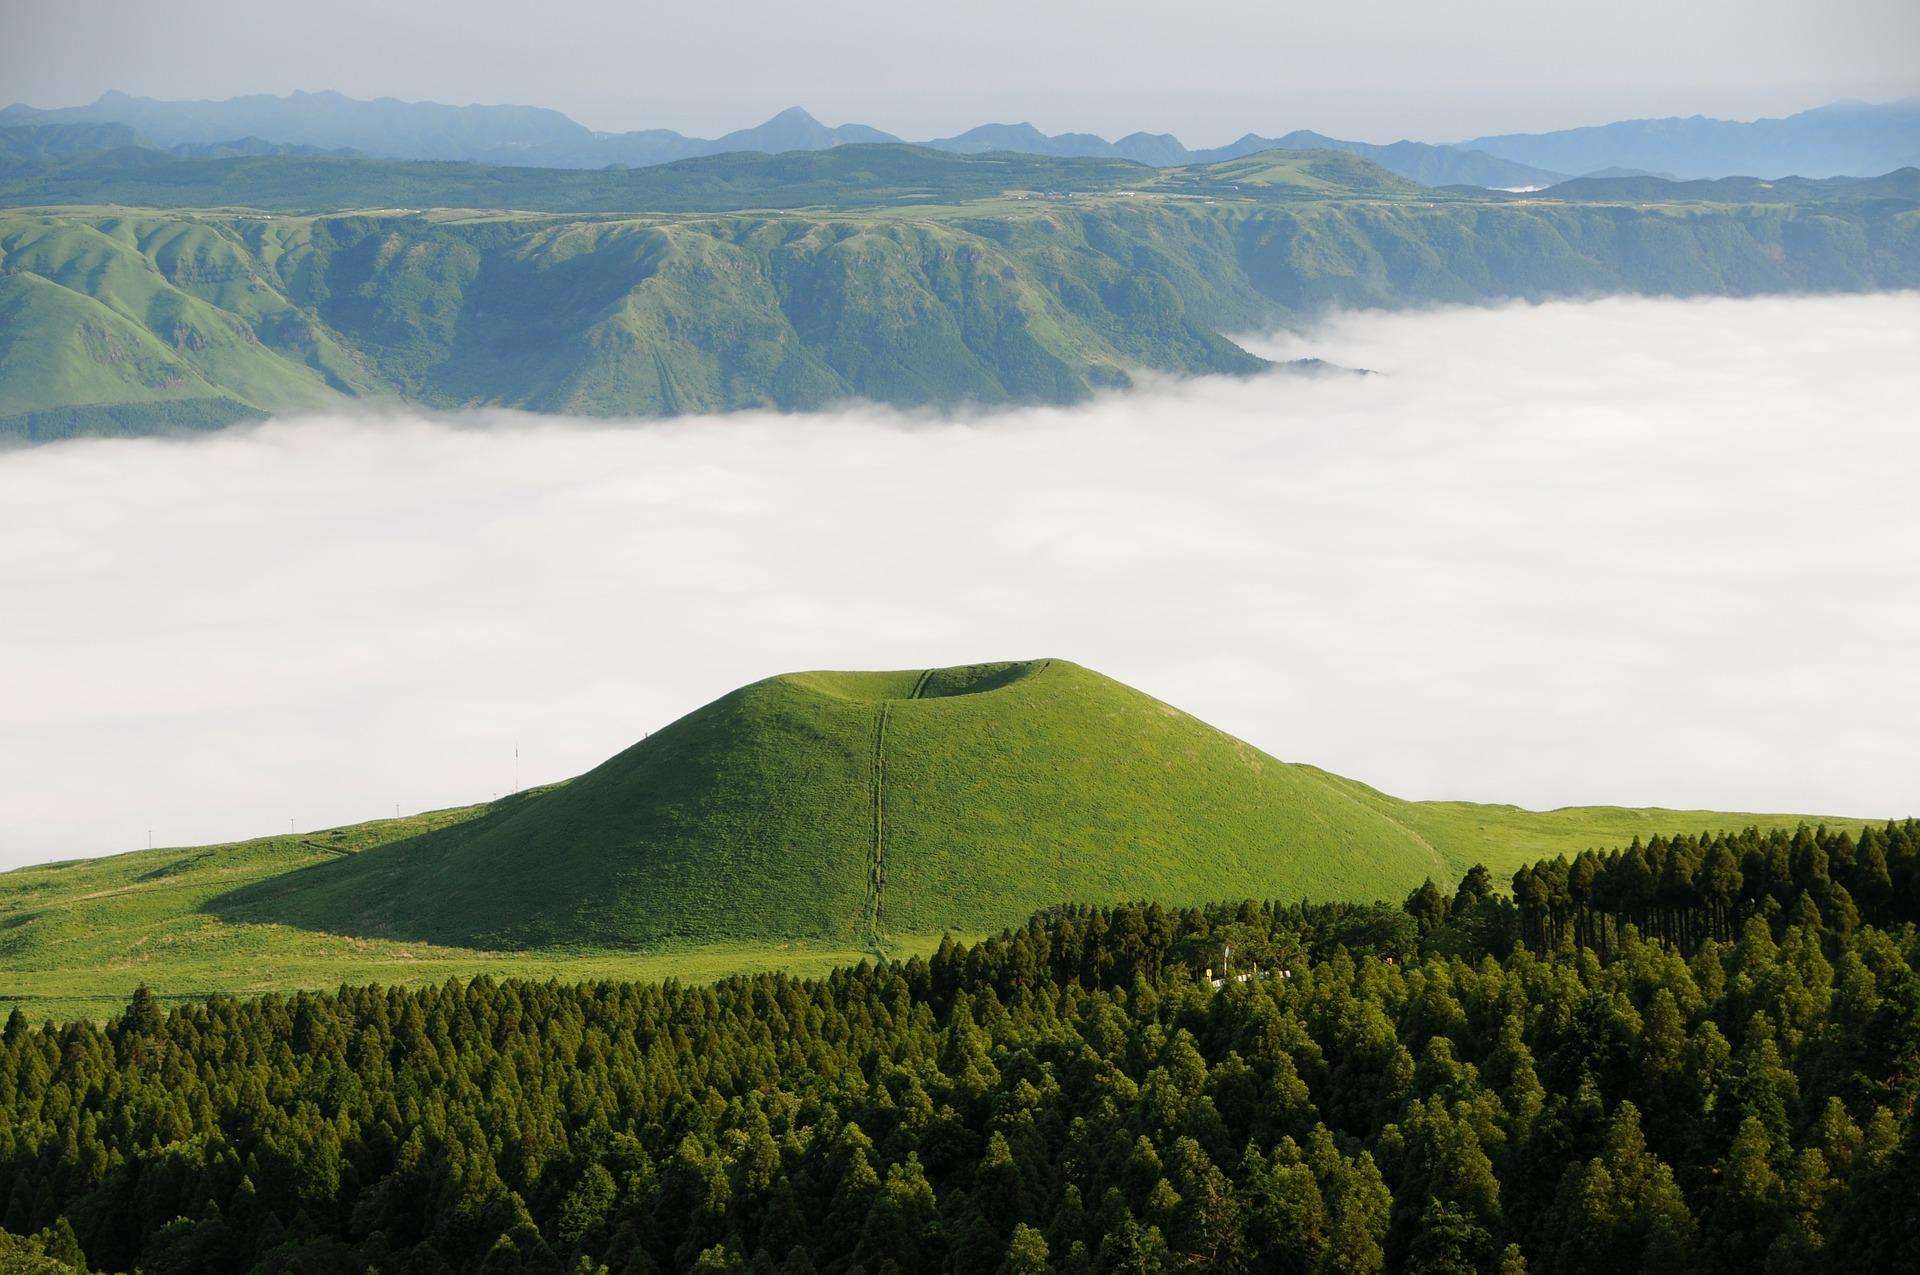 ASO komezuka, Wolken, Berge, Meer, Japan - Wallpaper HD - Prof.-falken.com